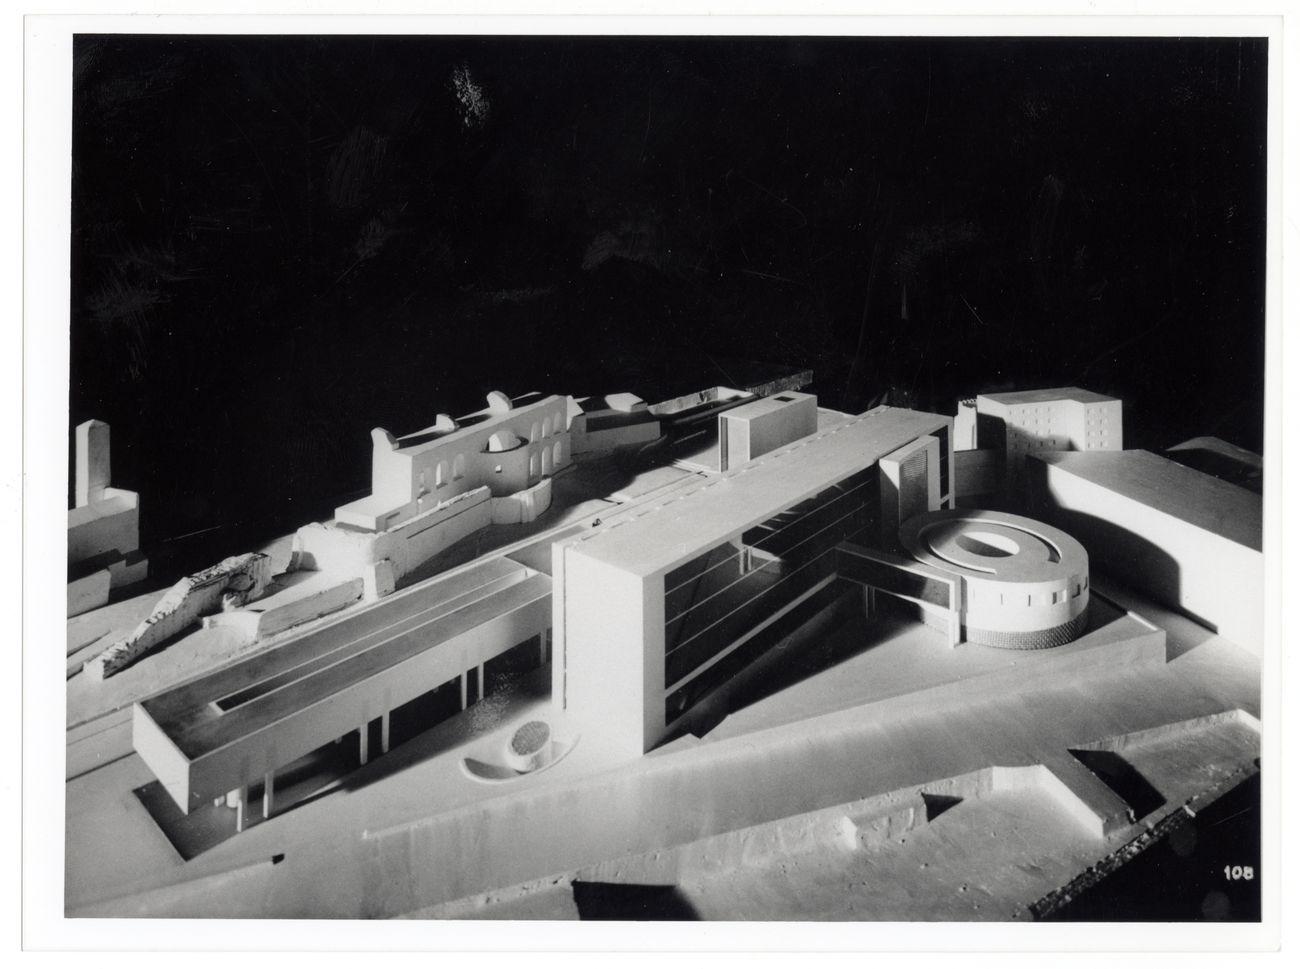 Pollini e Figini con BBPR e A. Danusso, Concorso per il Palazzo del Littorio 1934, veduta del modello. Mart, Archivio del '900, Fondo Figini Pollini